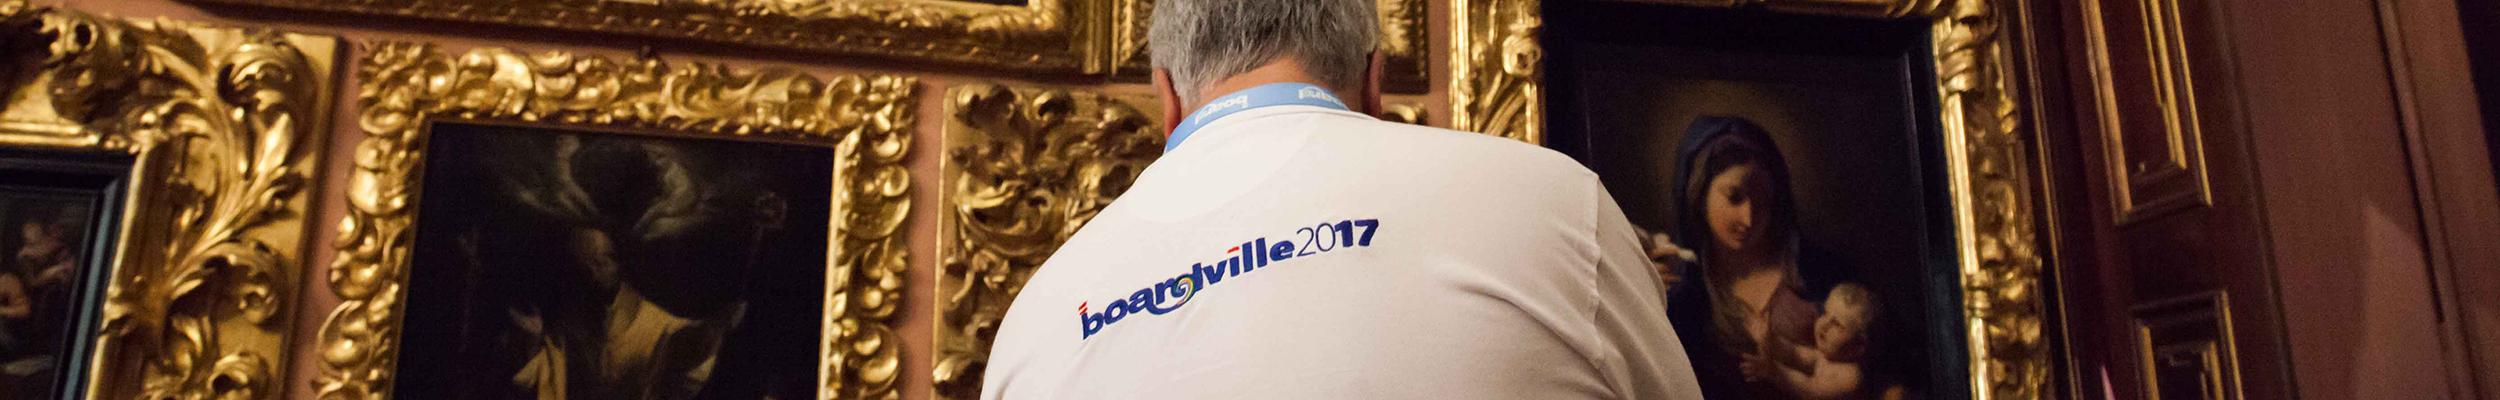 BOARDville 2017